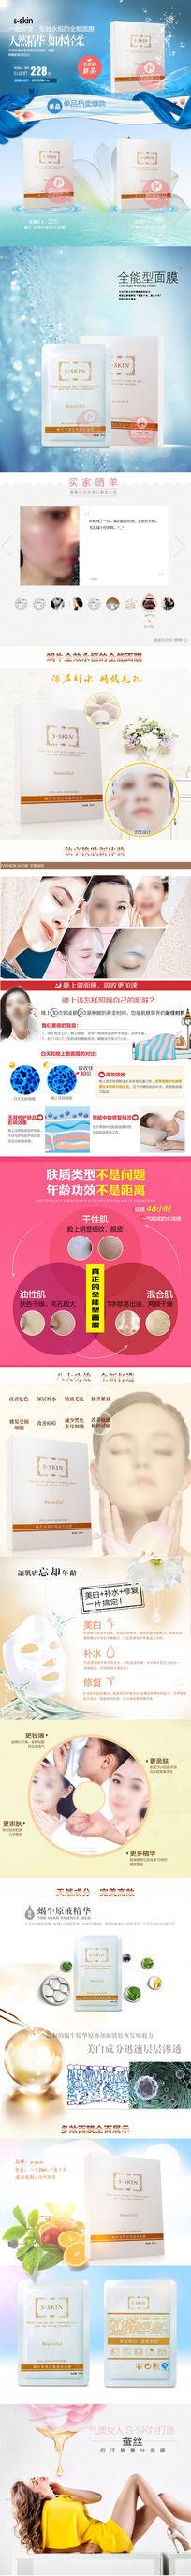 淘宝化妆品详情页细节描述PSD素材模板